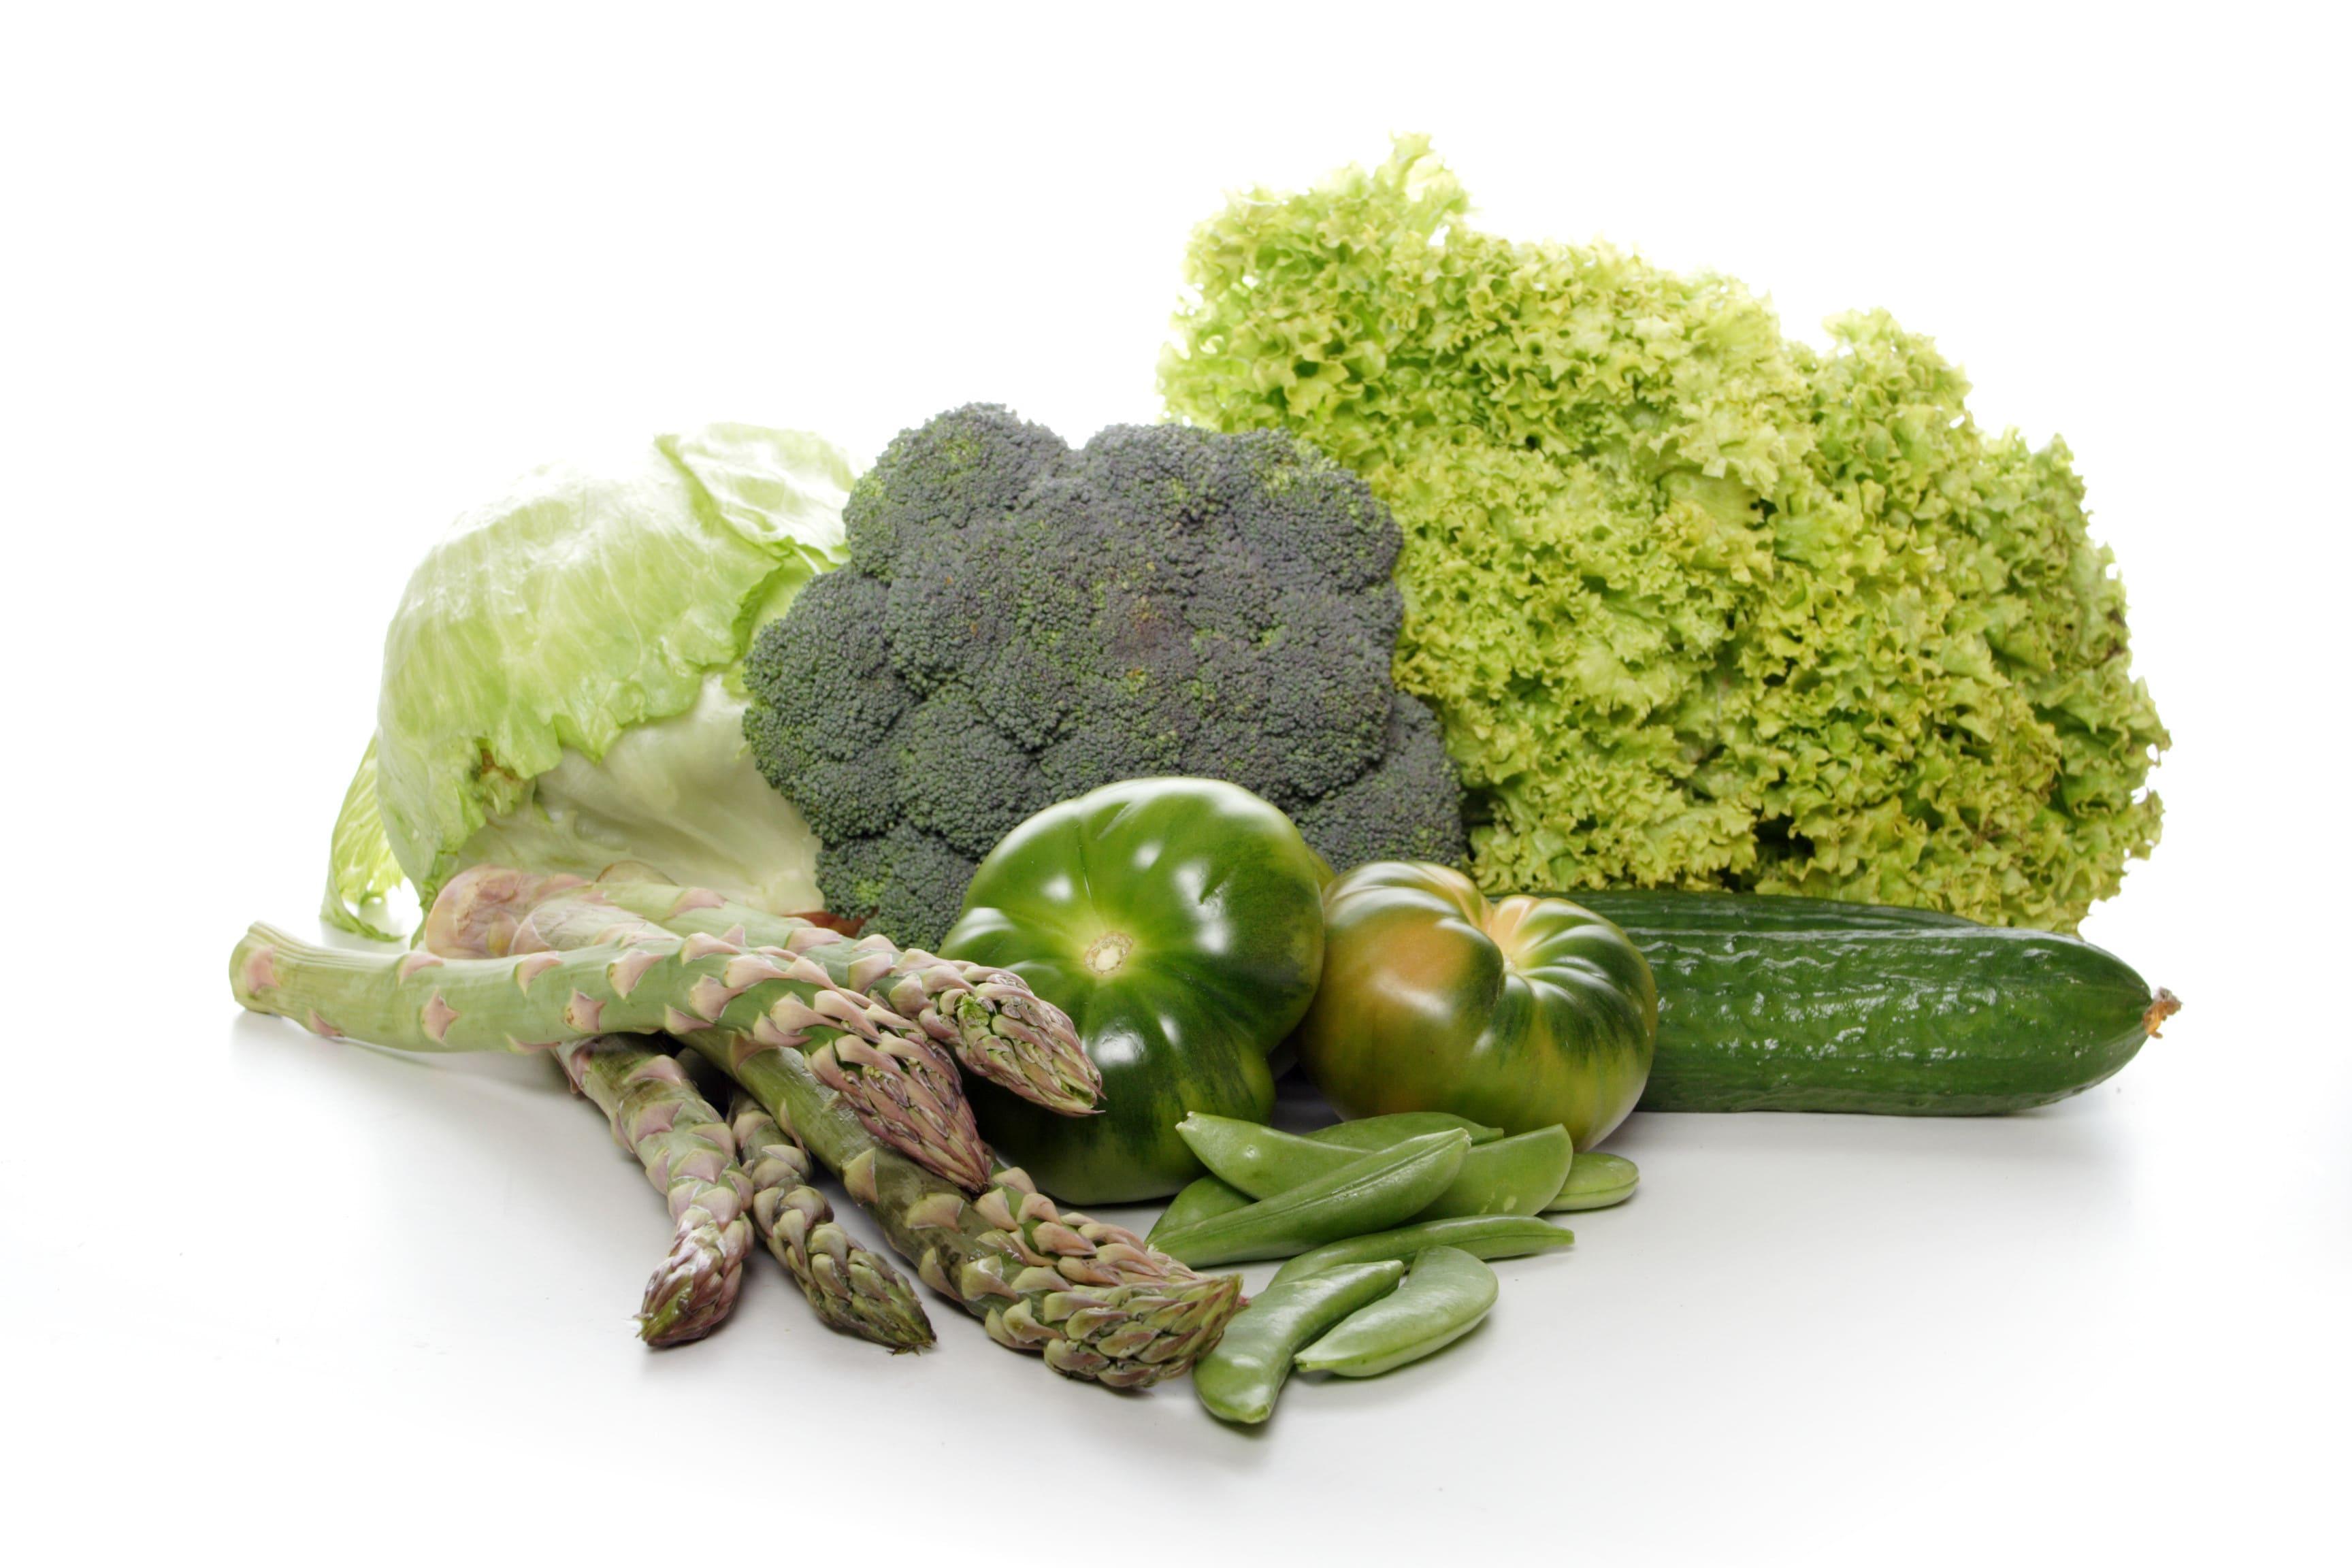 Die Ernährung kann den Geruch und die Menge der Schweißbildung maßgeblich beeinflussen.